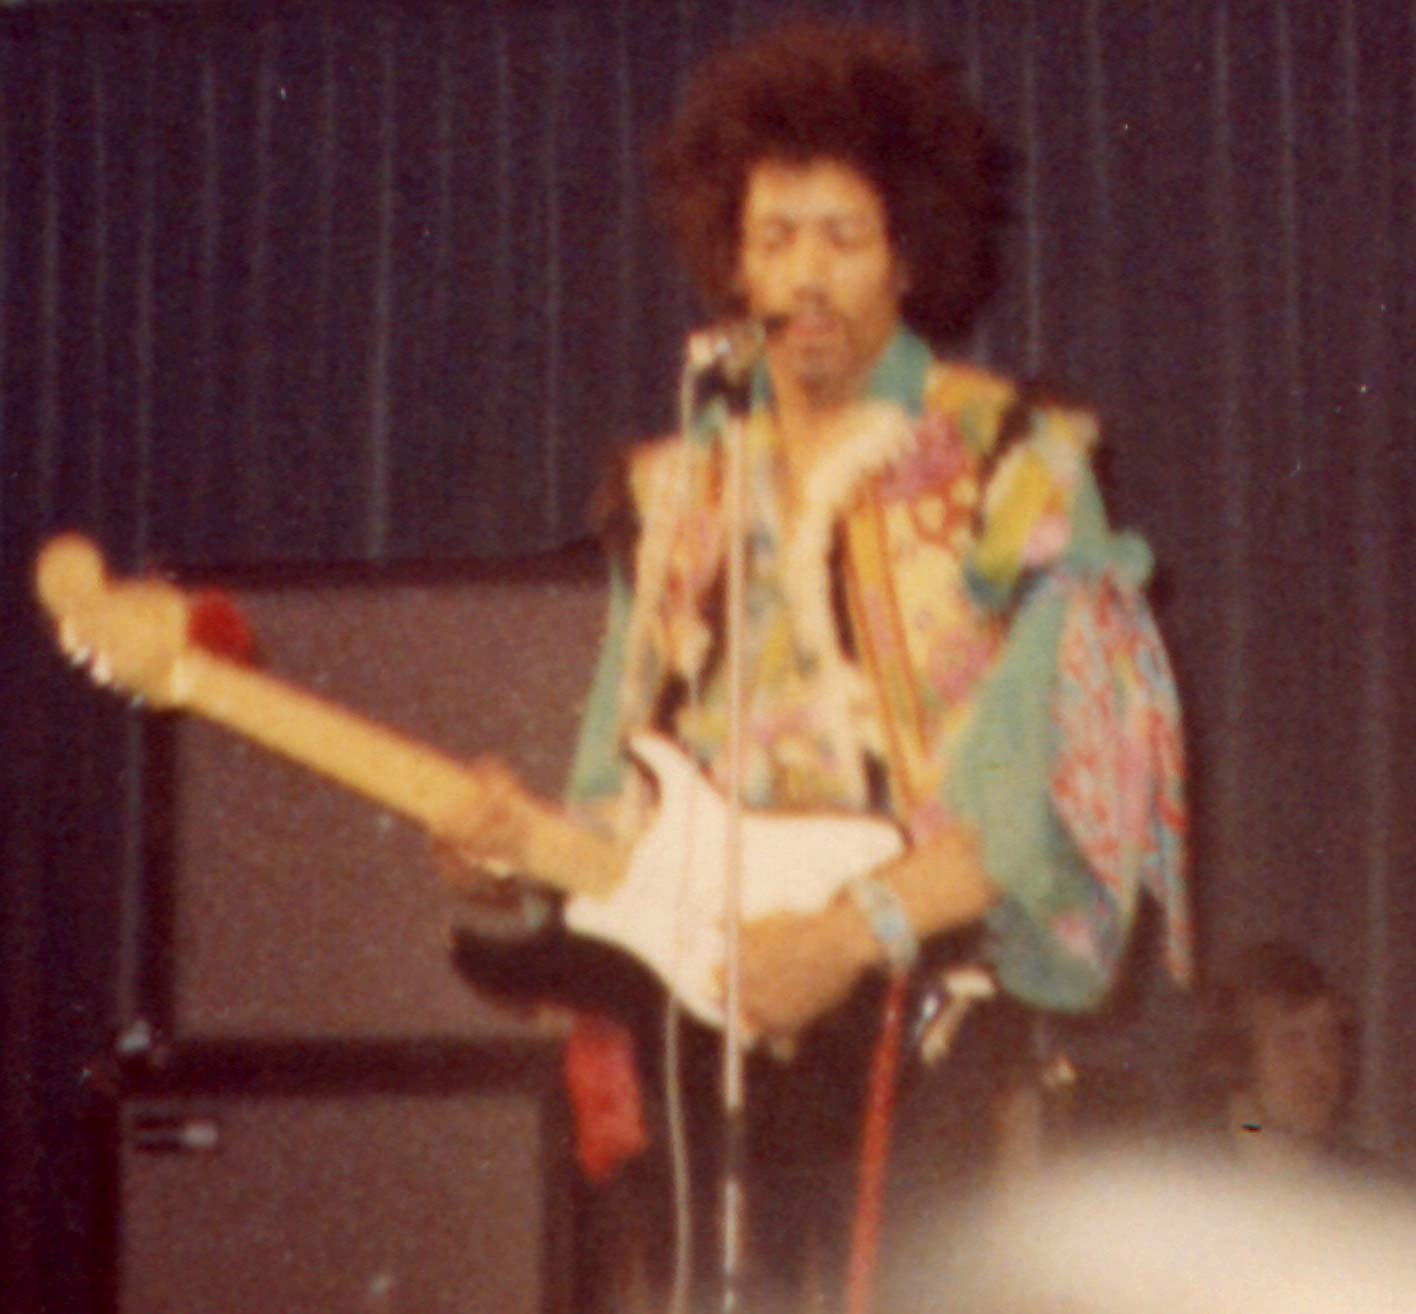 Stockholm (Konserthuset) : 9 janvier 1969 [Second concert]  1d6643d208486acf35d704a012fb70e3